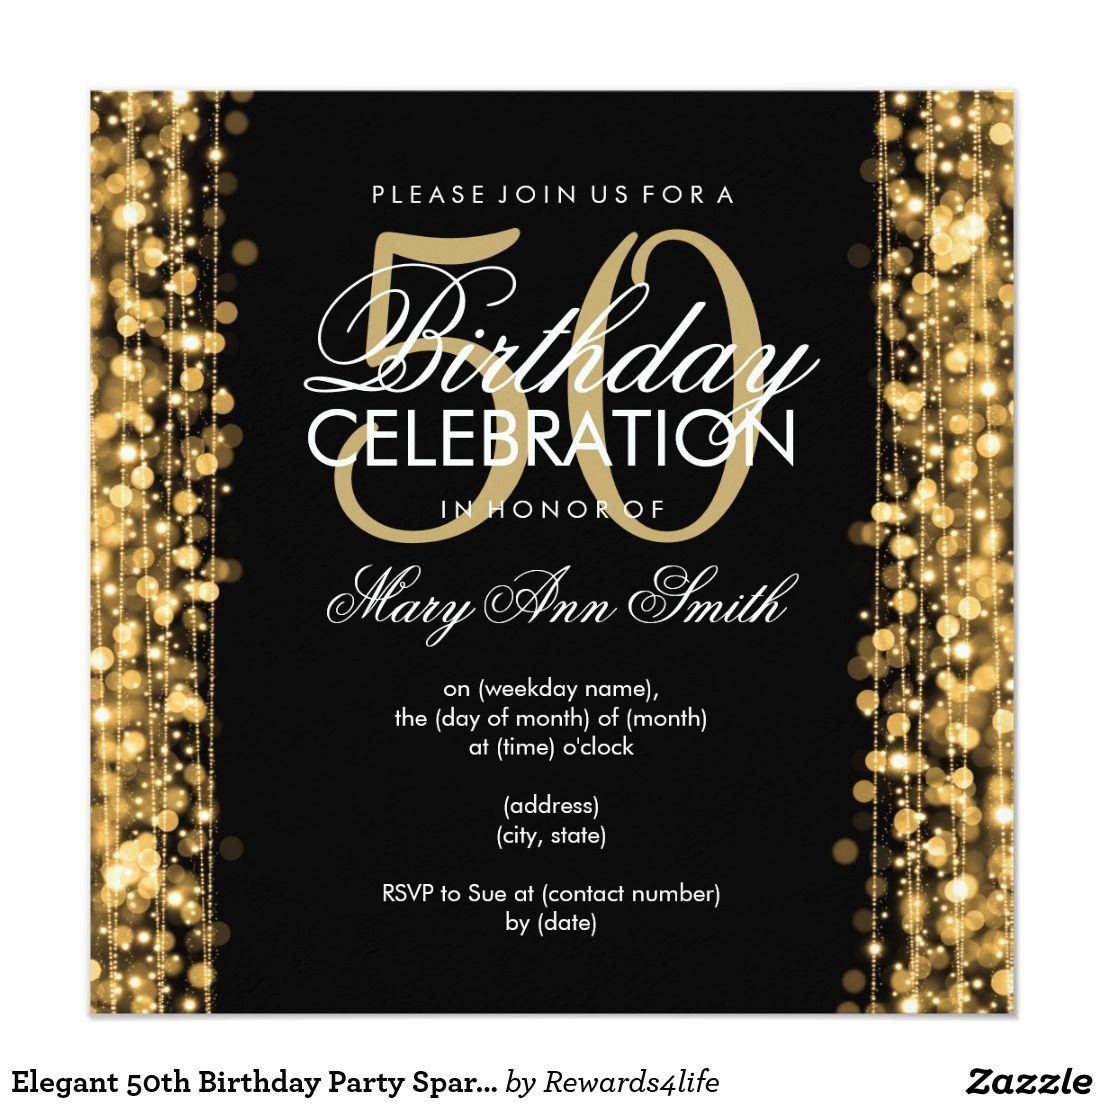 50 birthday celebration party invitations birthday invitations 50 birthday celebration party invitations filmwisefo